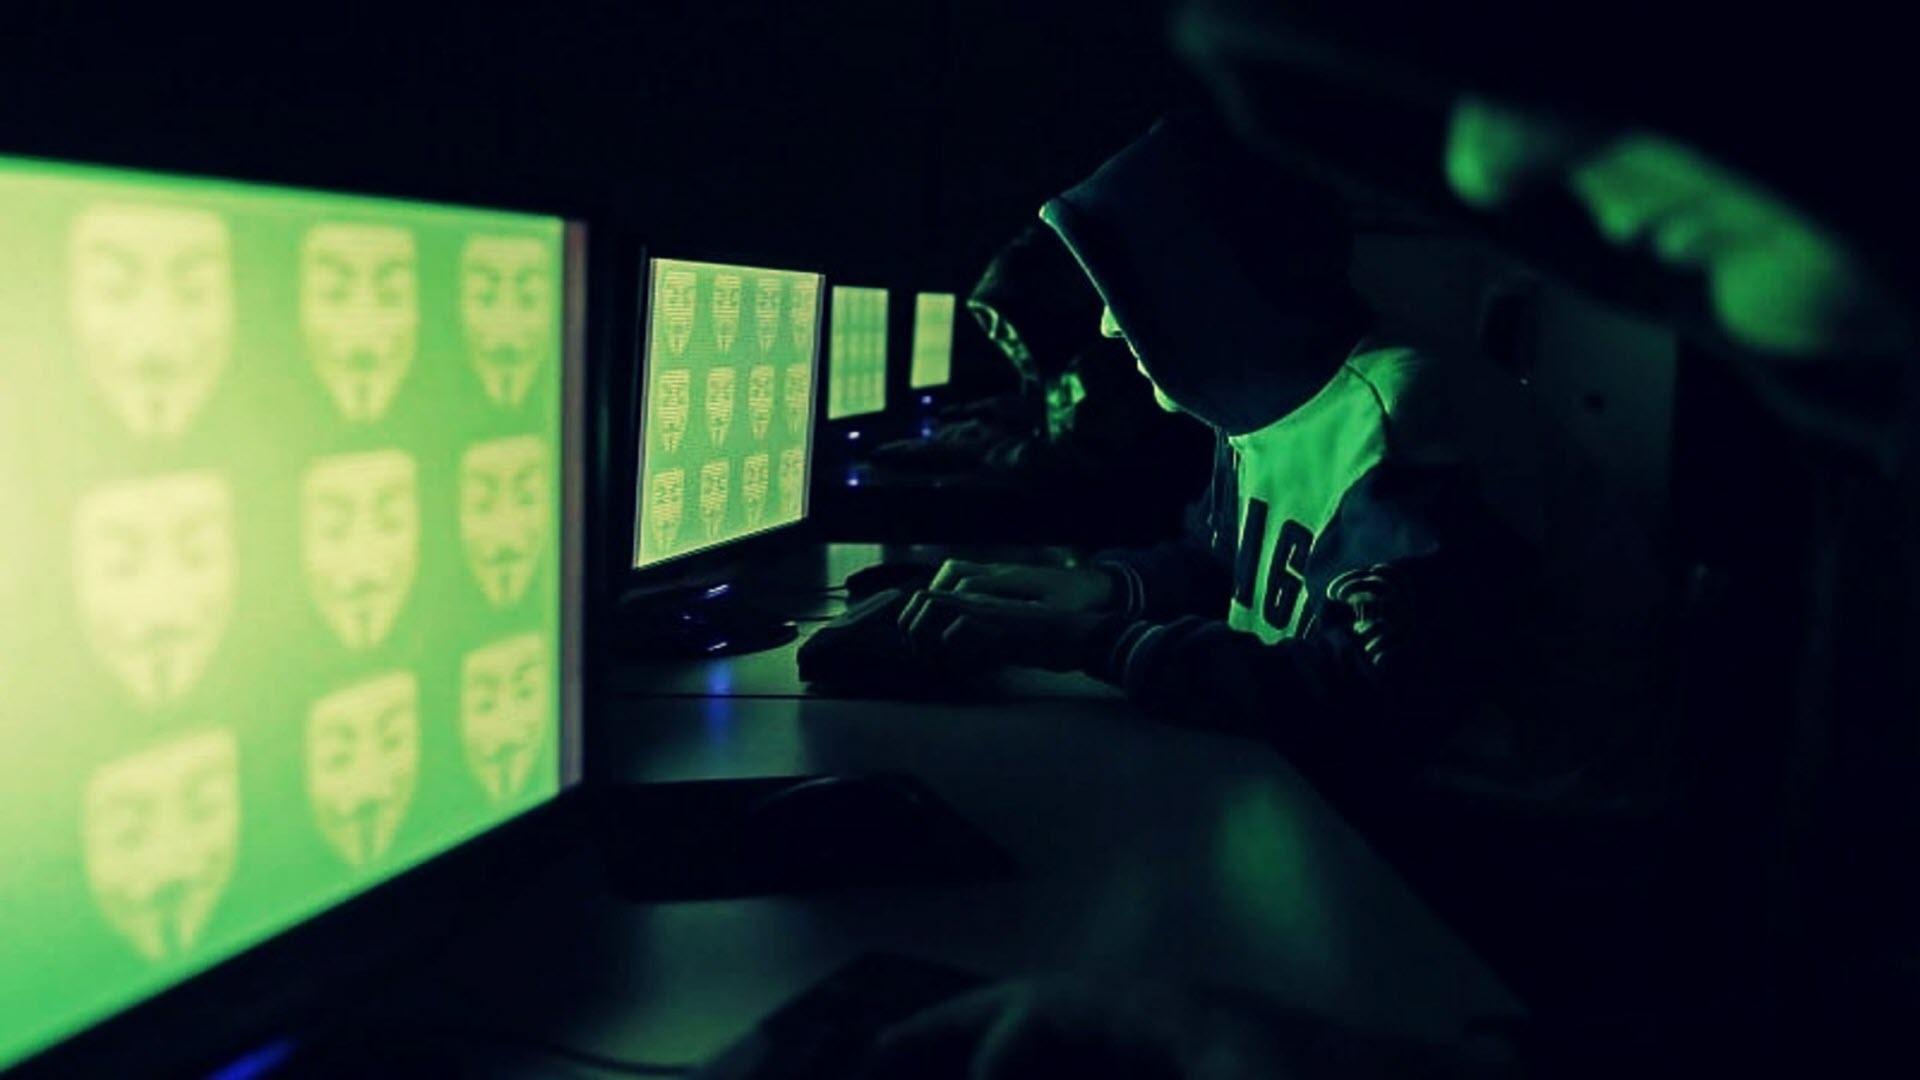 Hình nền hacker làm việc